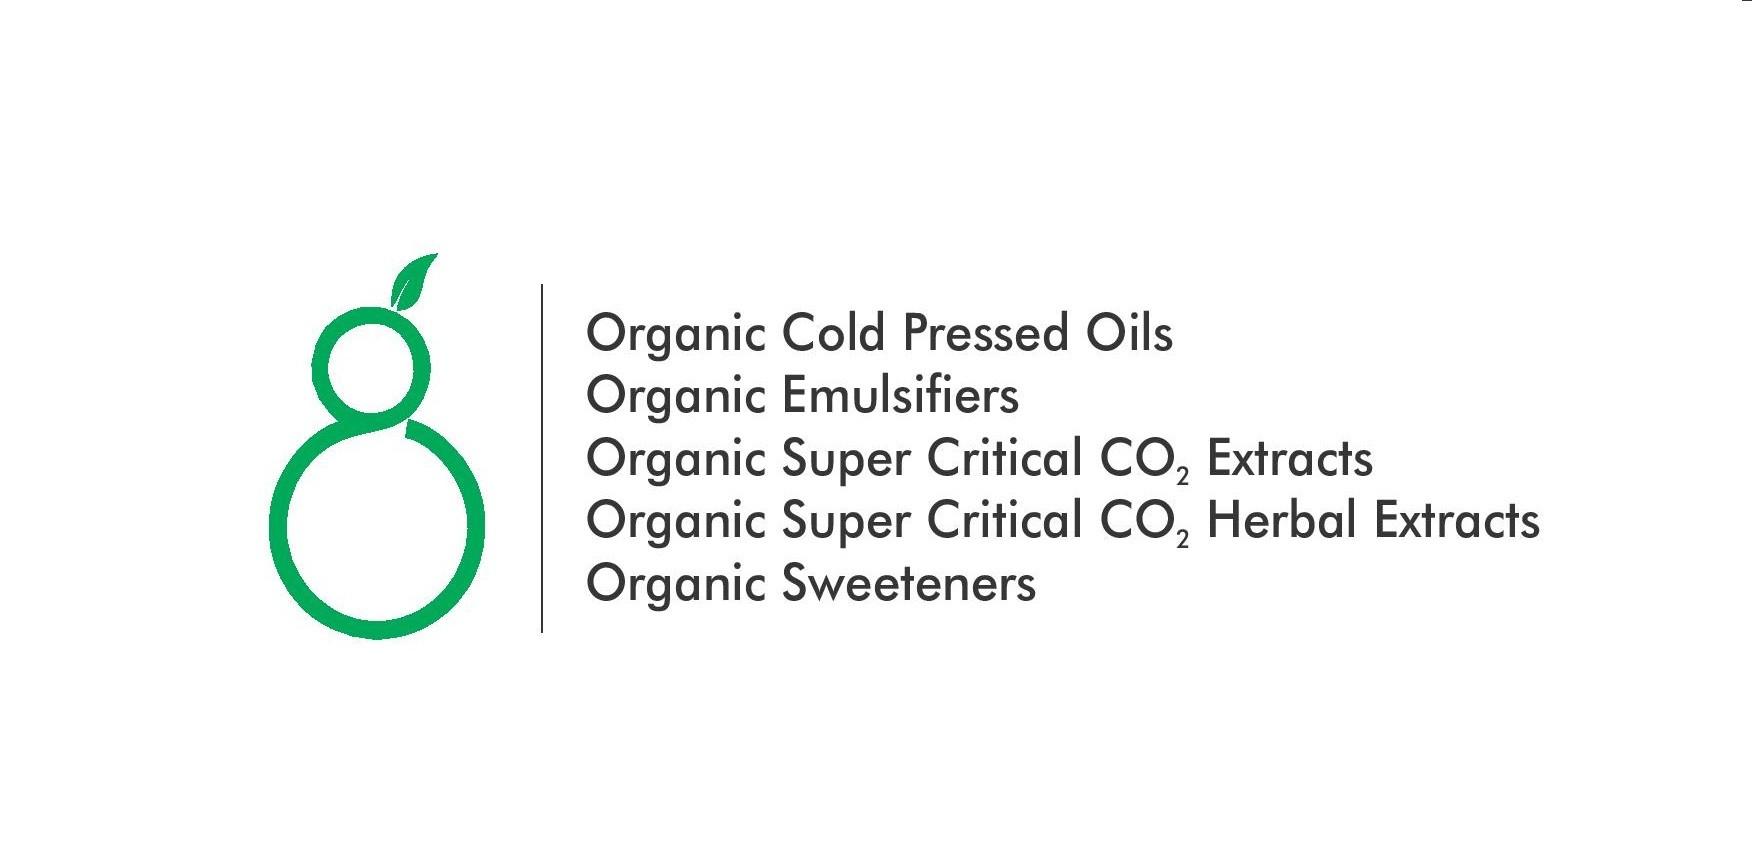 Ekologie Forte Pvt  Ltd  | LinkedIn